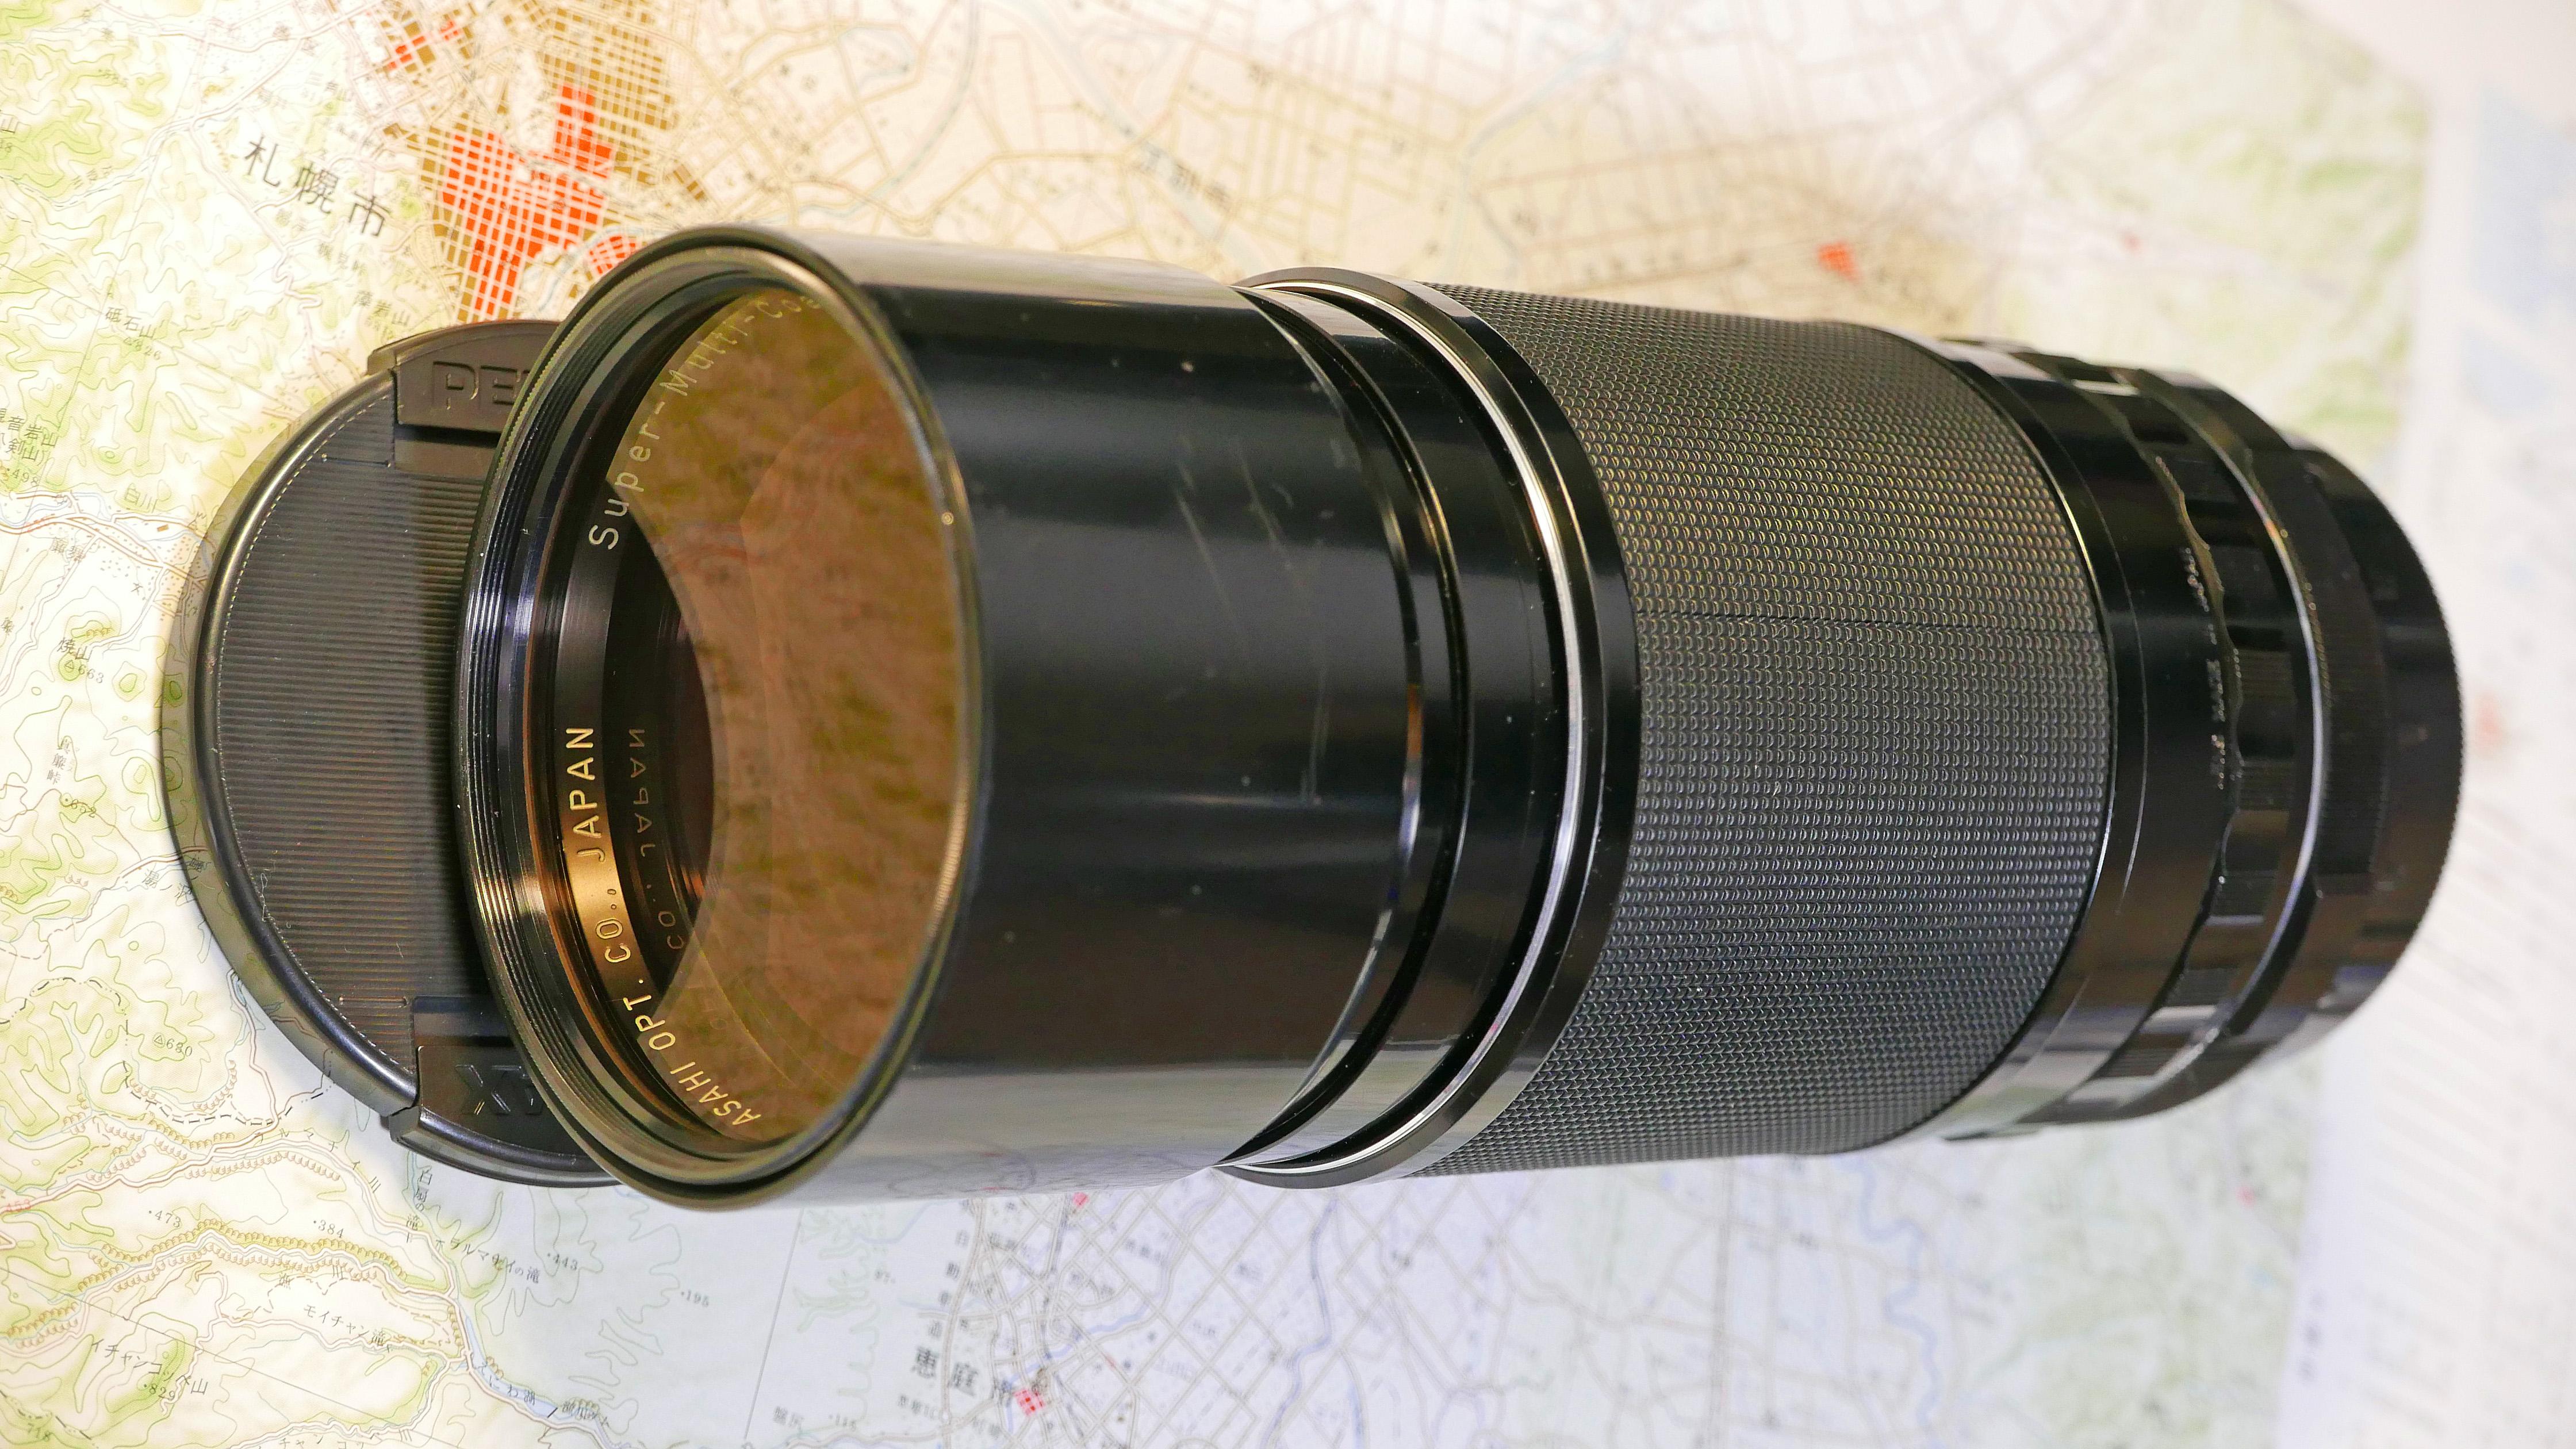 ペンタックス67 300mm